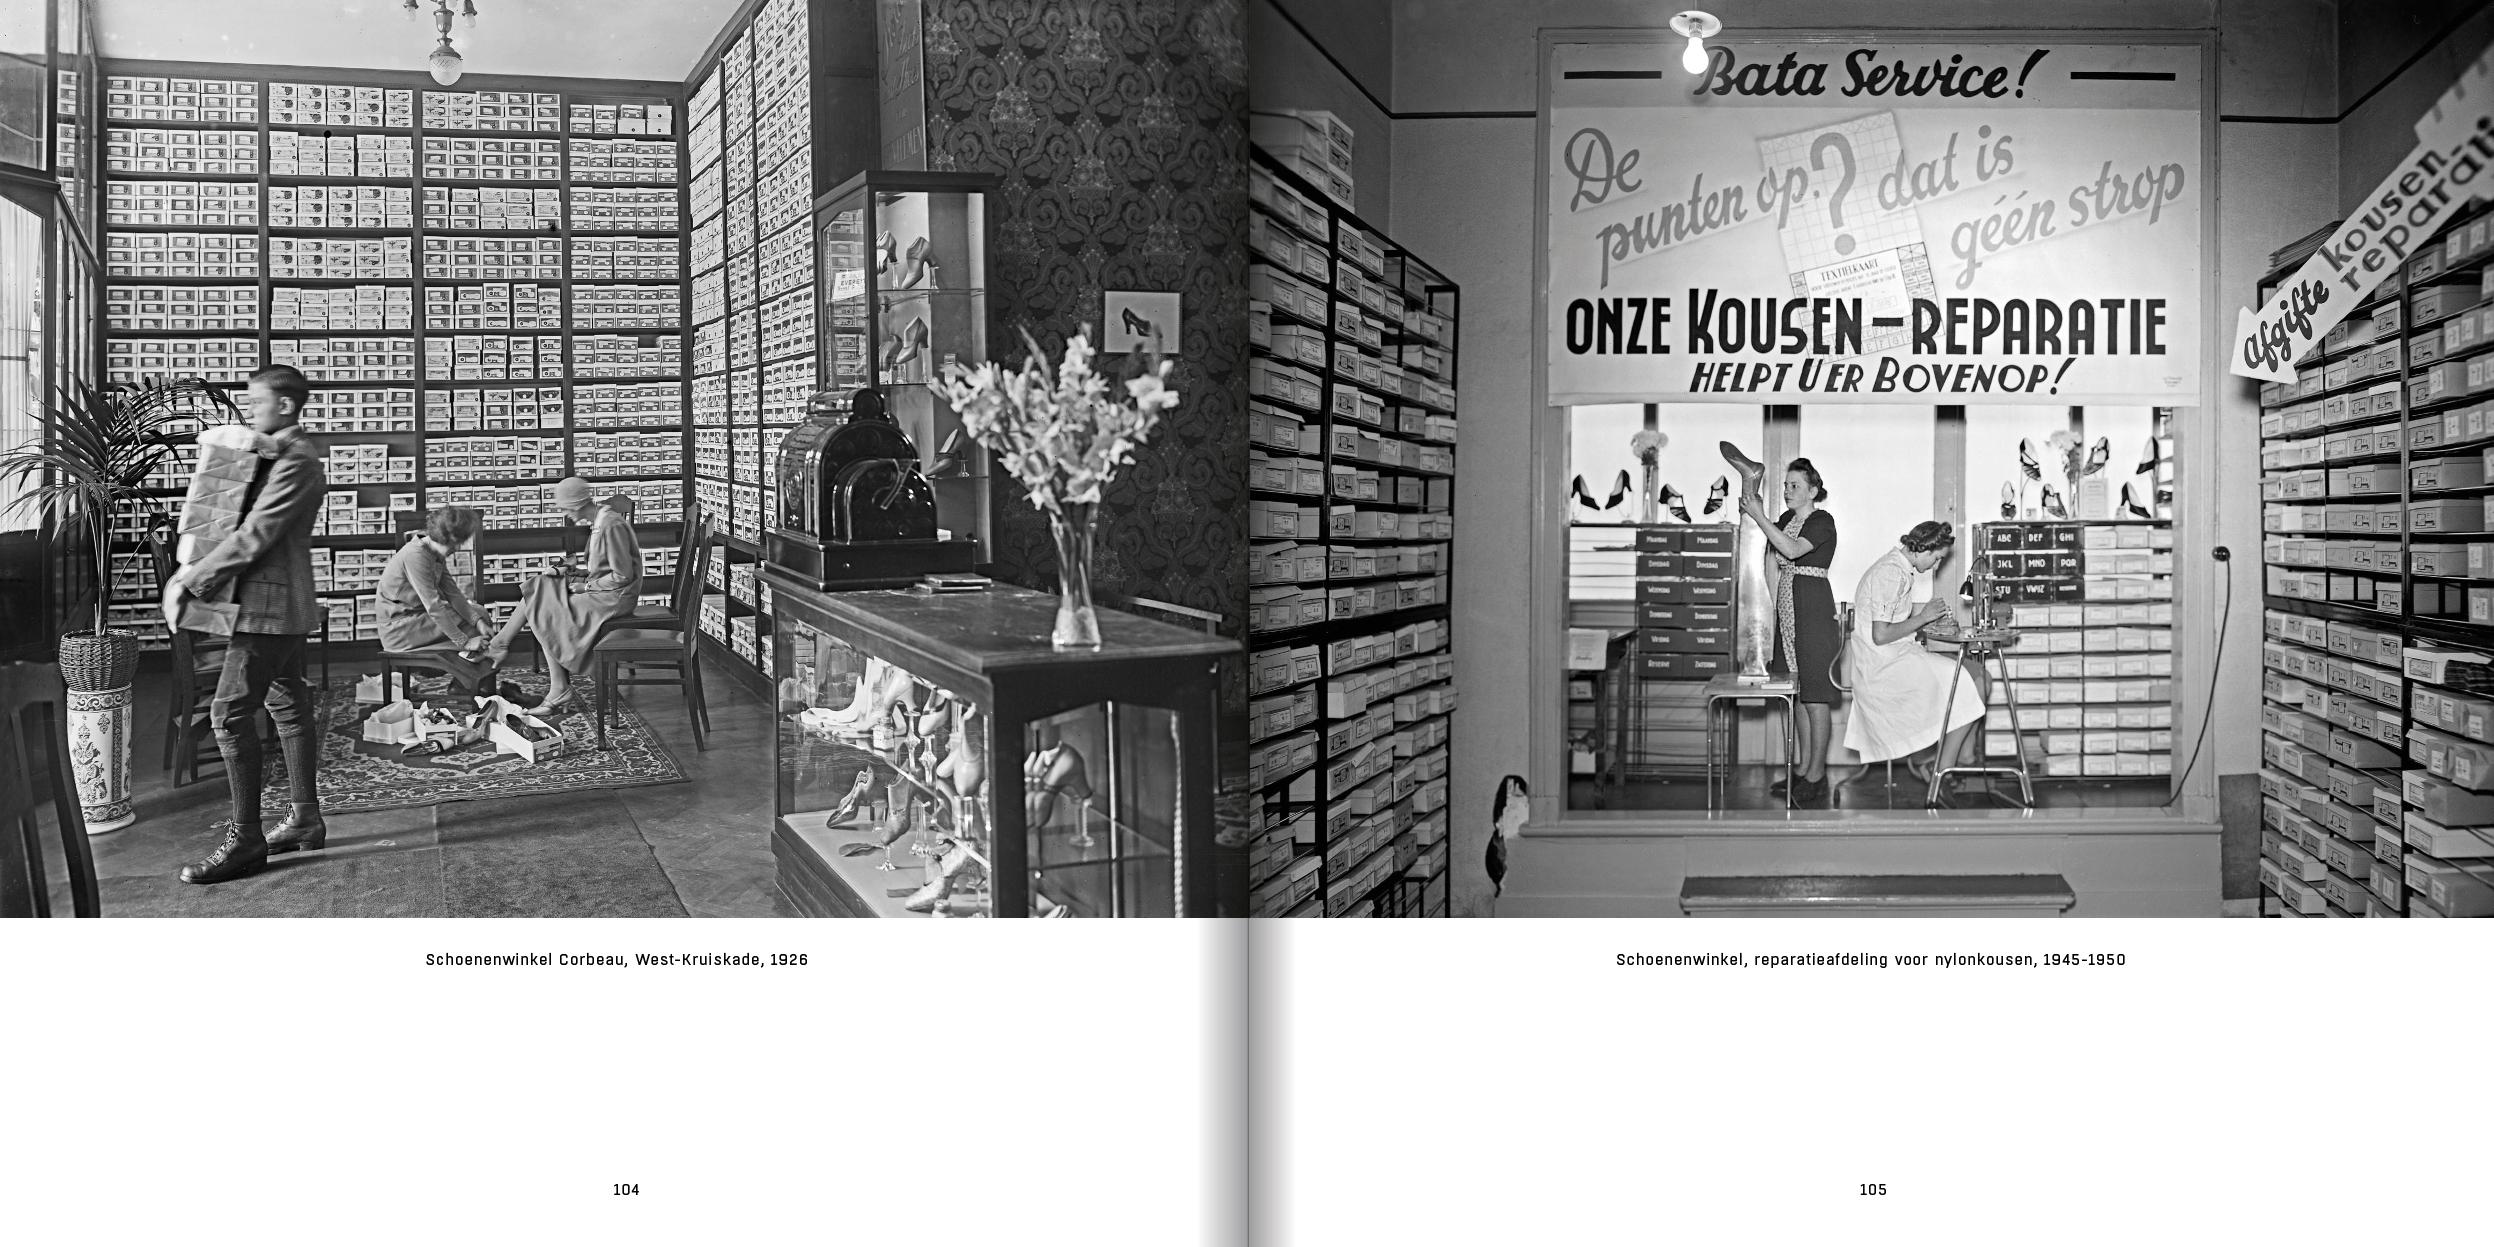 Uitgeverij Diafragma - Rotterdam,fotografie,1910-1960,bedrijfsfotografie,opdrachtfotografie, geschiedenis van de fotografie, Atelier van Dijk